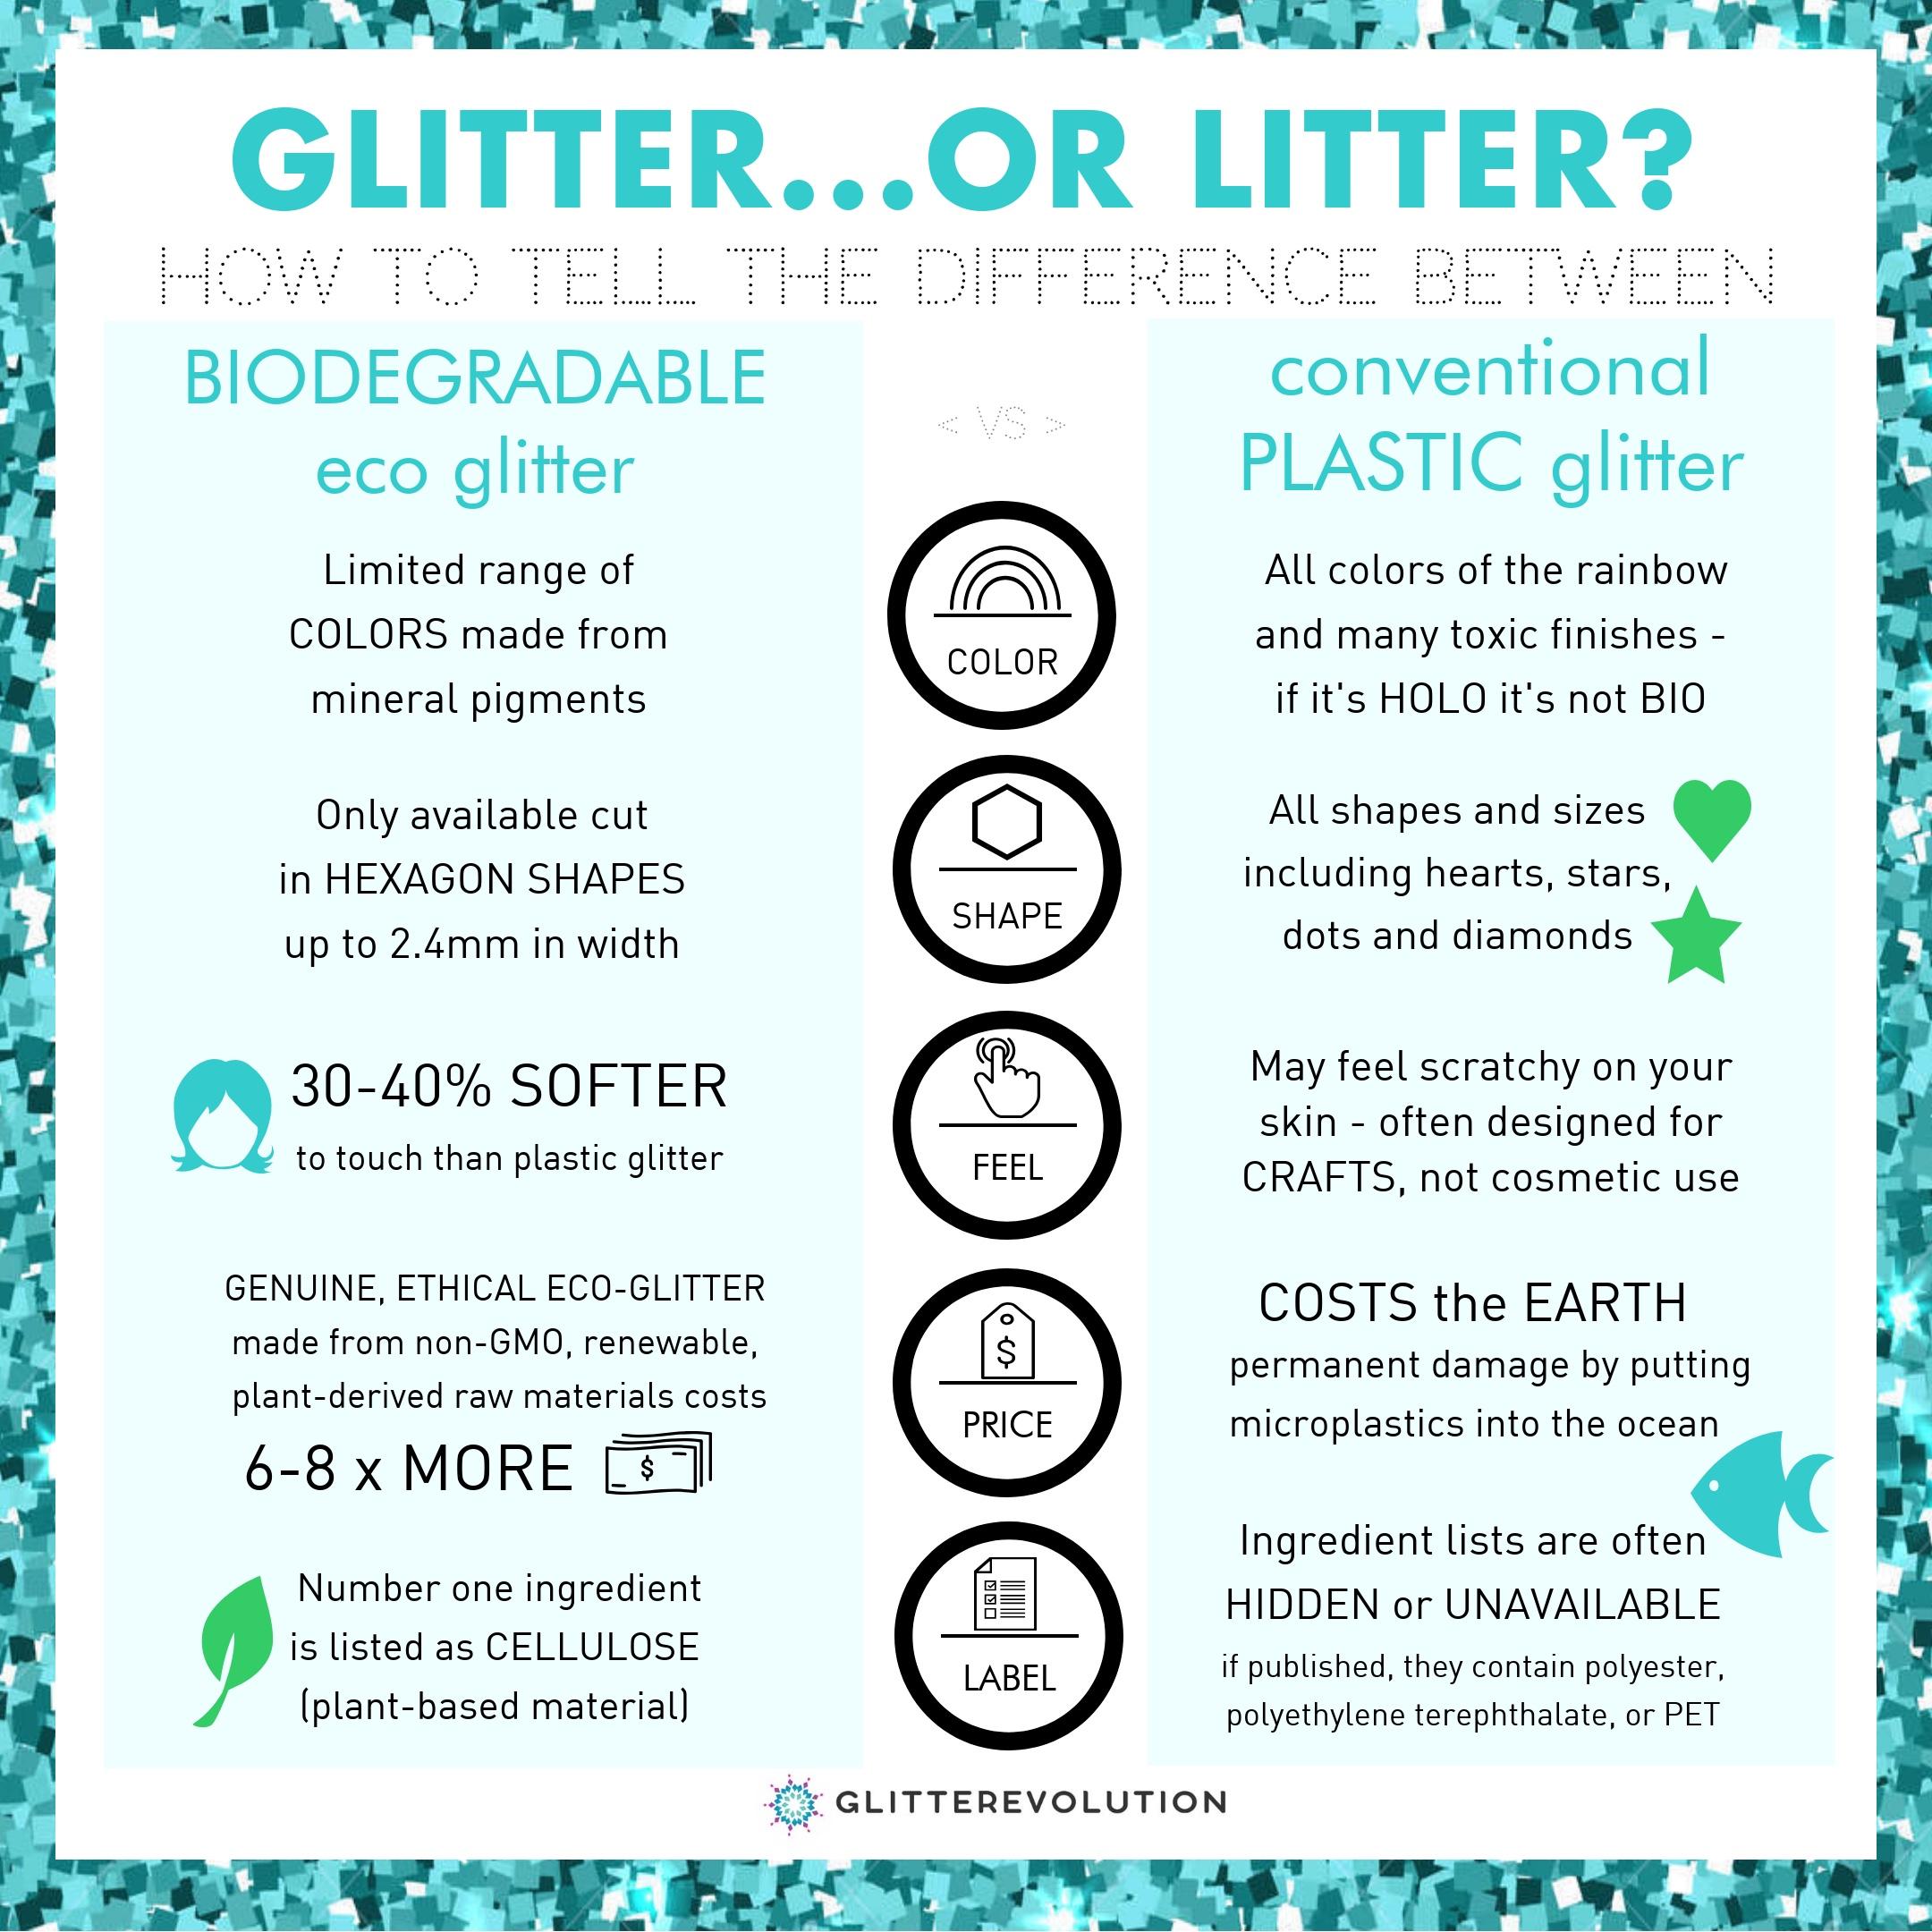 glitter-or-litter-infographic_square.jpg